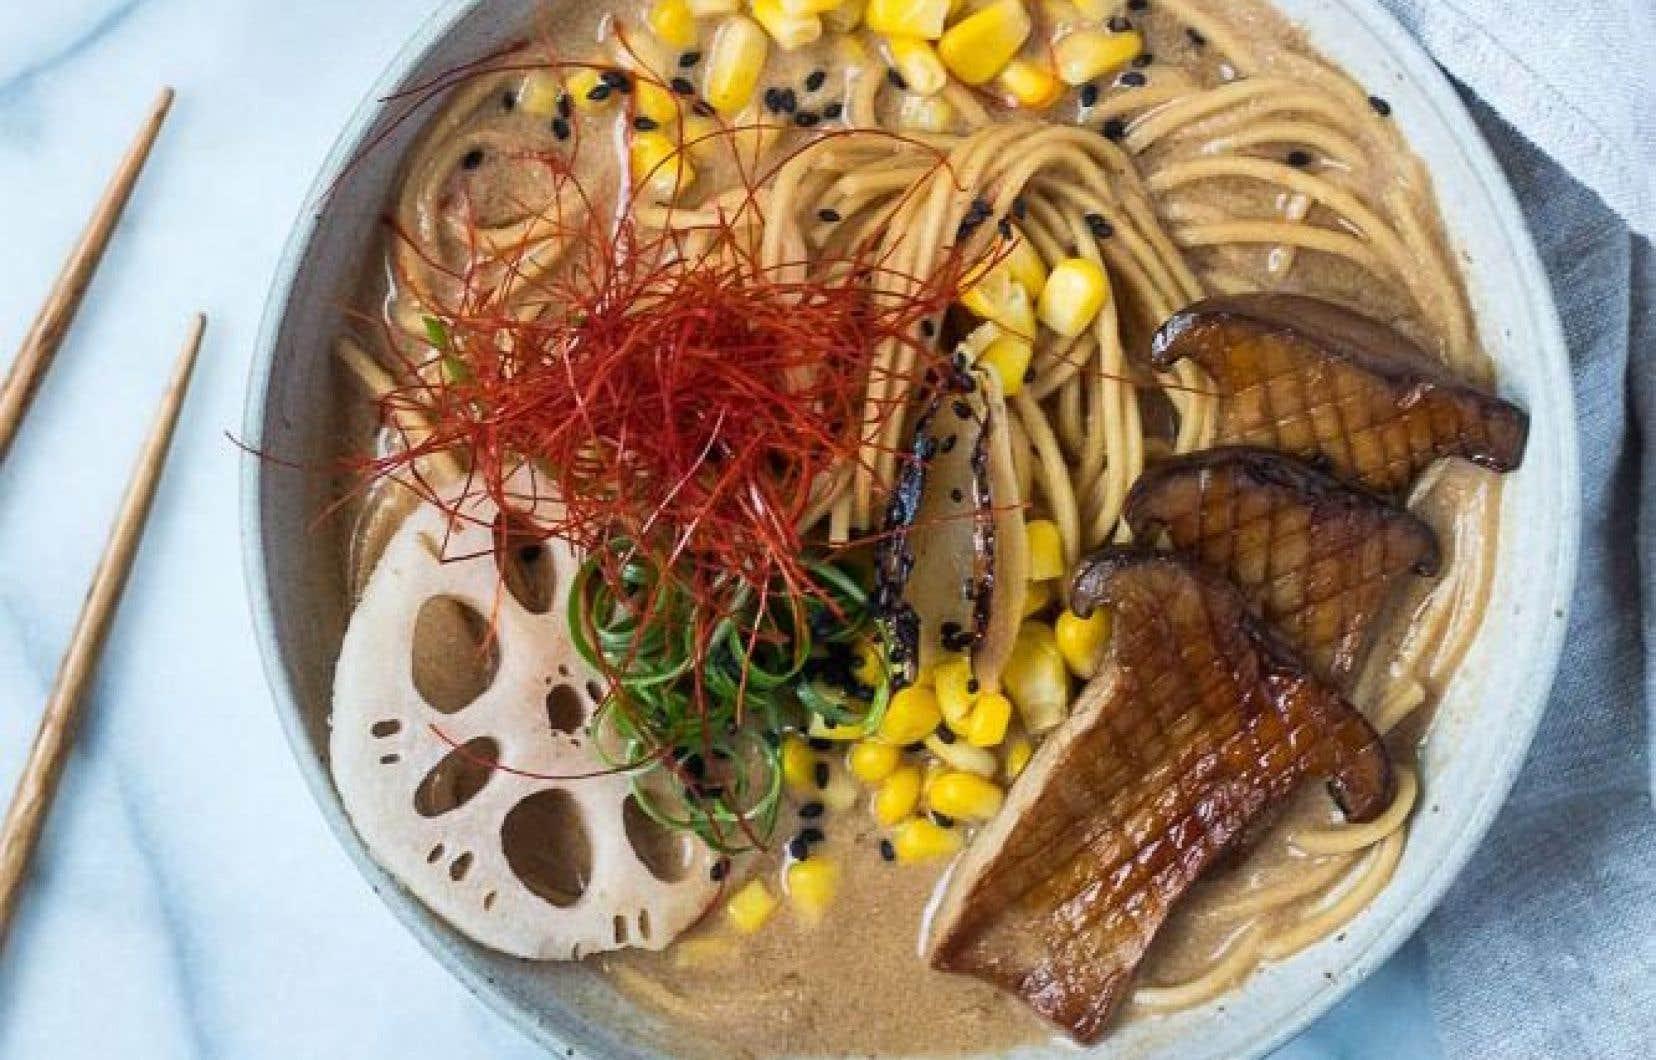 Déposer les nouilles cuites dans un bol, ajouter une ou deux louches de bouillon et garnir au choix.